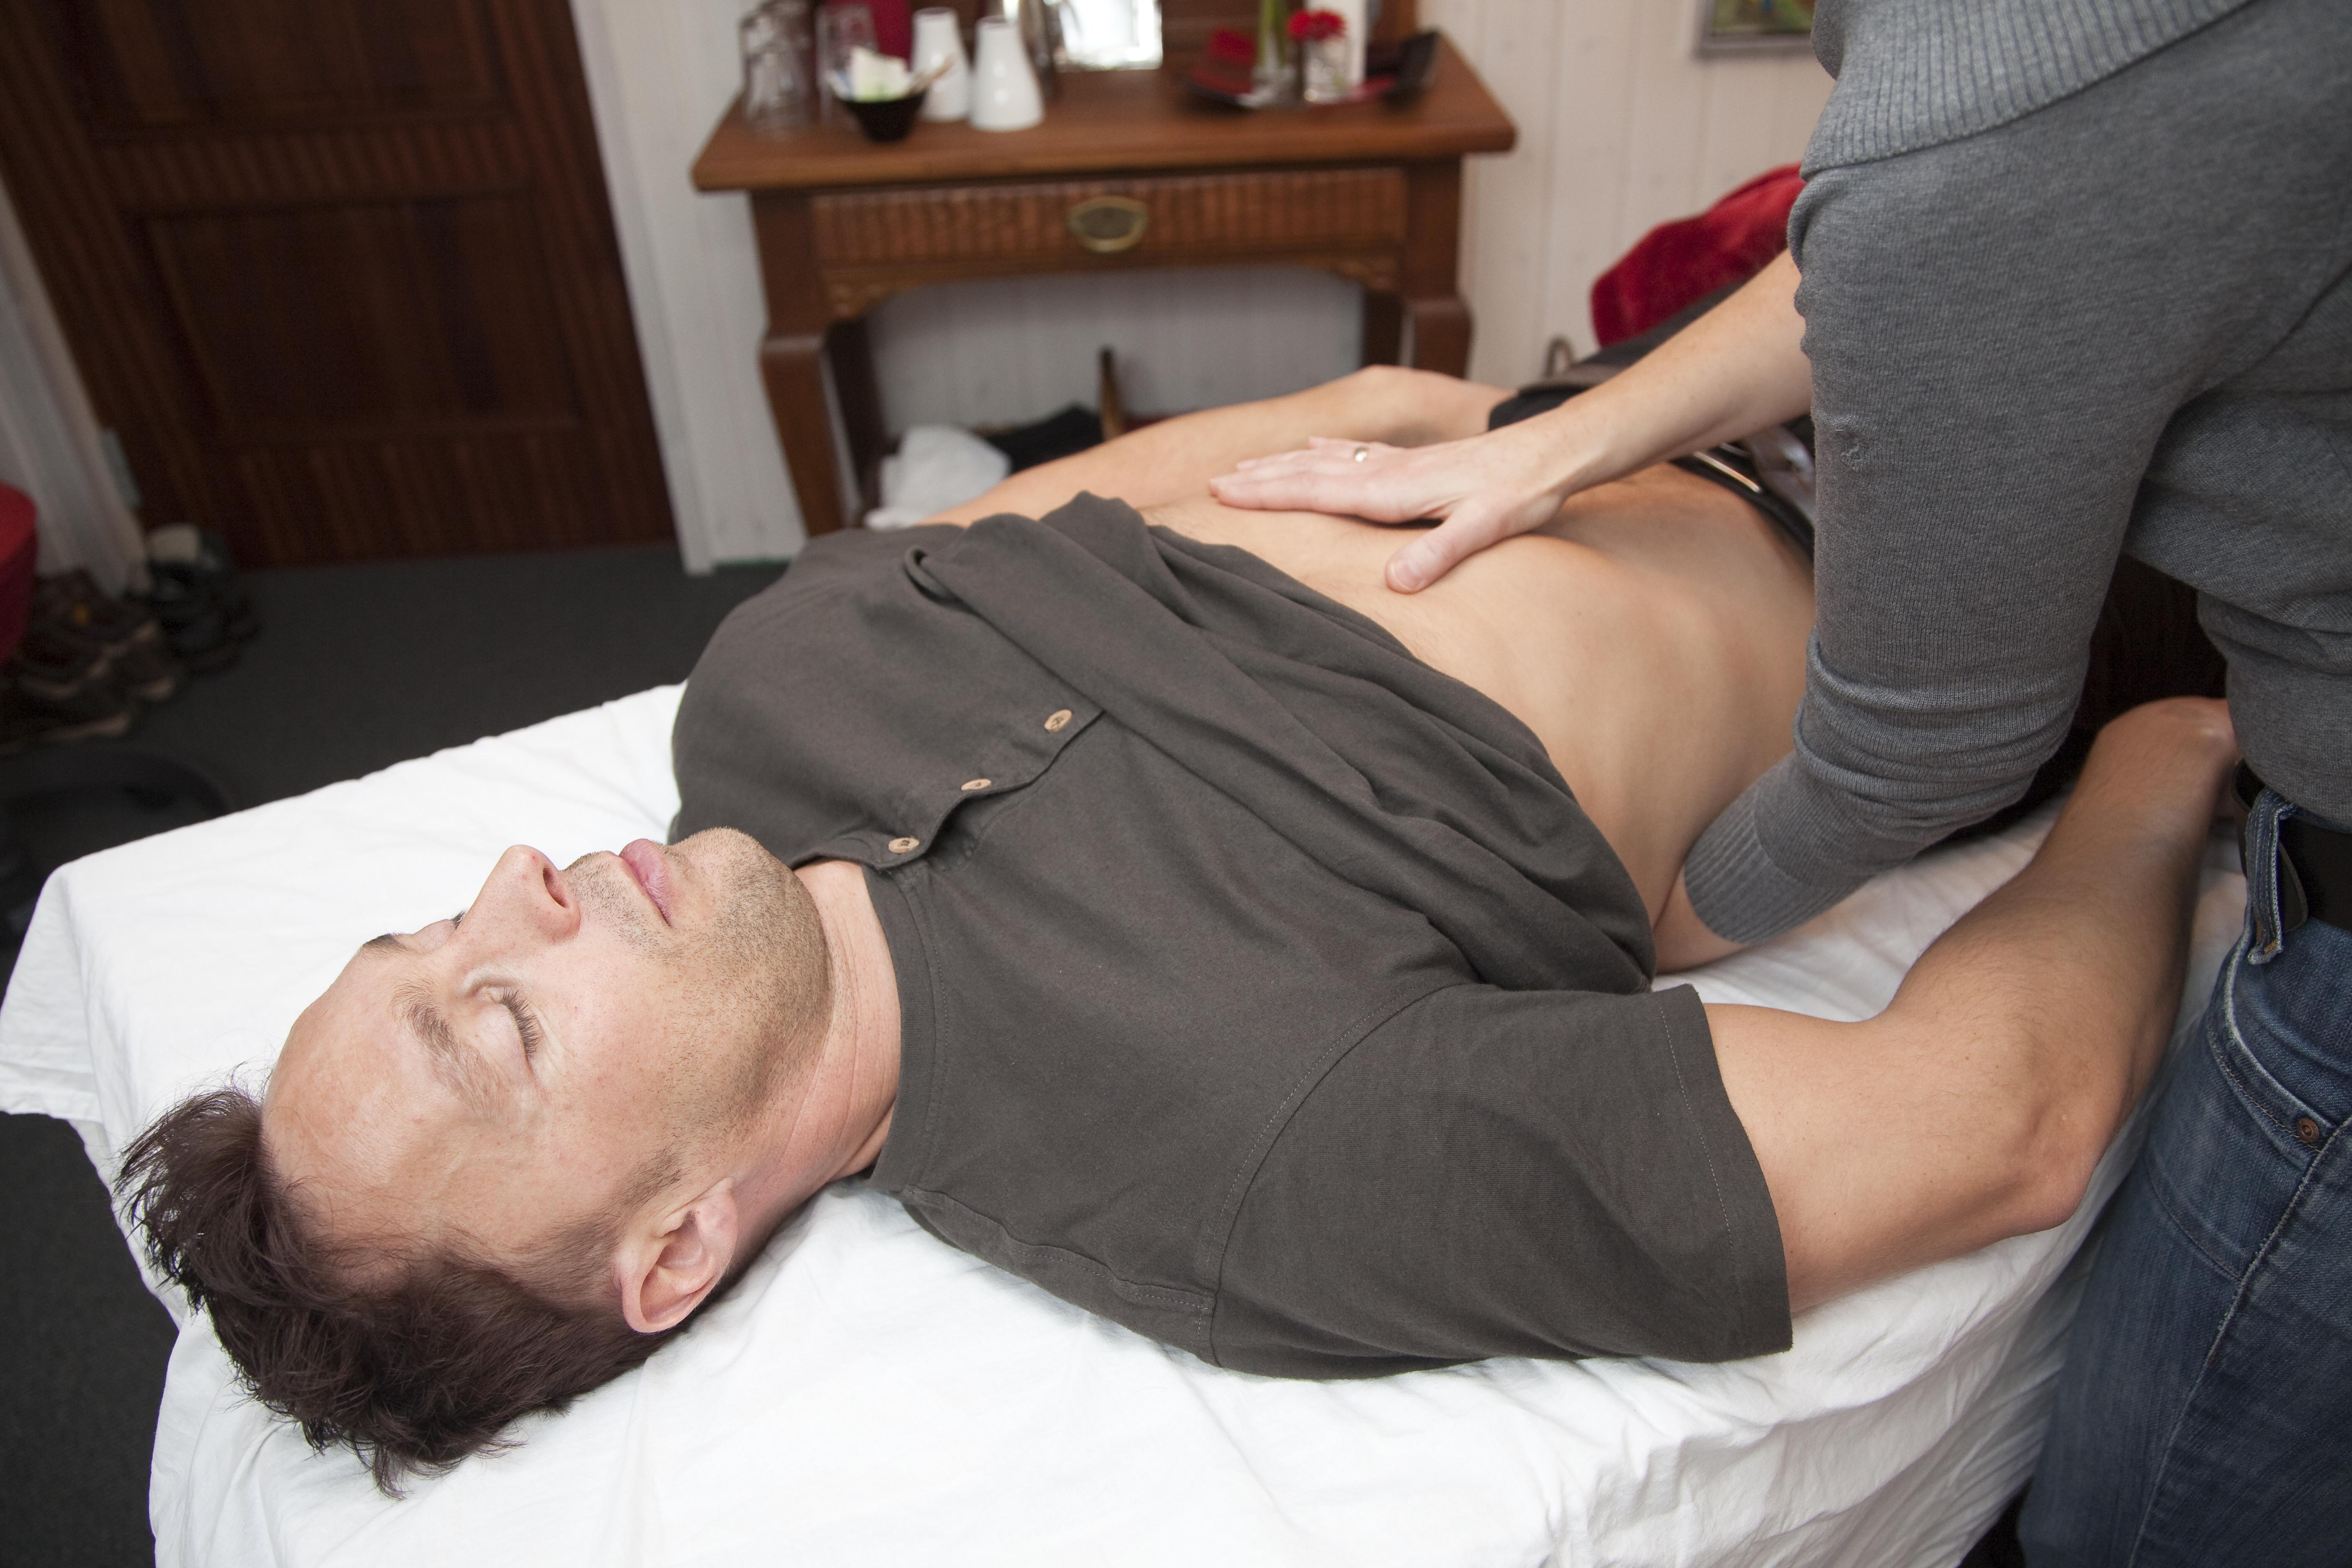 Ondt i nakken, lænden, ryggen, skuldrene eller kæberne er for mange nærmest en normalitet i hverdagen. Man tager automatisk et par smertestillende piller og fortsætter med sin hverdag. Men sådan behøver det ikke være. Find årsagen med Biodynamisk Kranio-Sakral Terapi. Kontakt eksamineret terapeut, Lis Hauge, 40199714